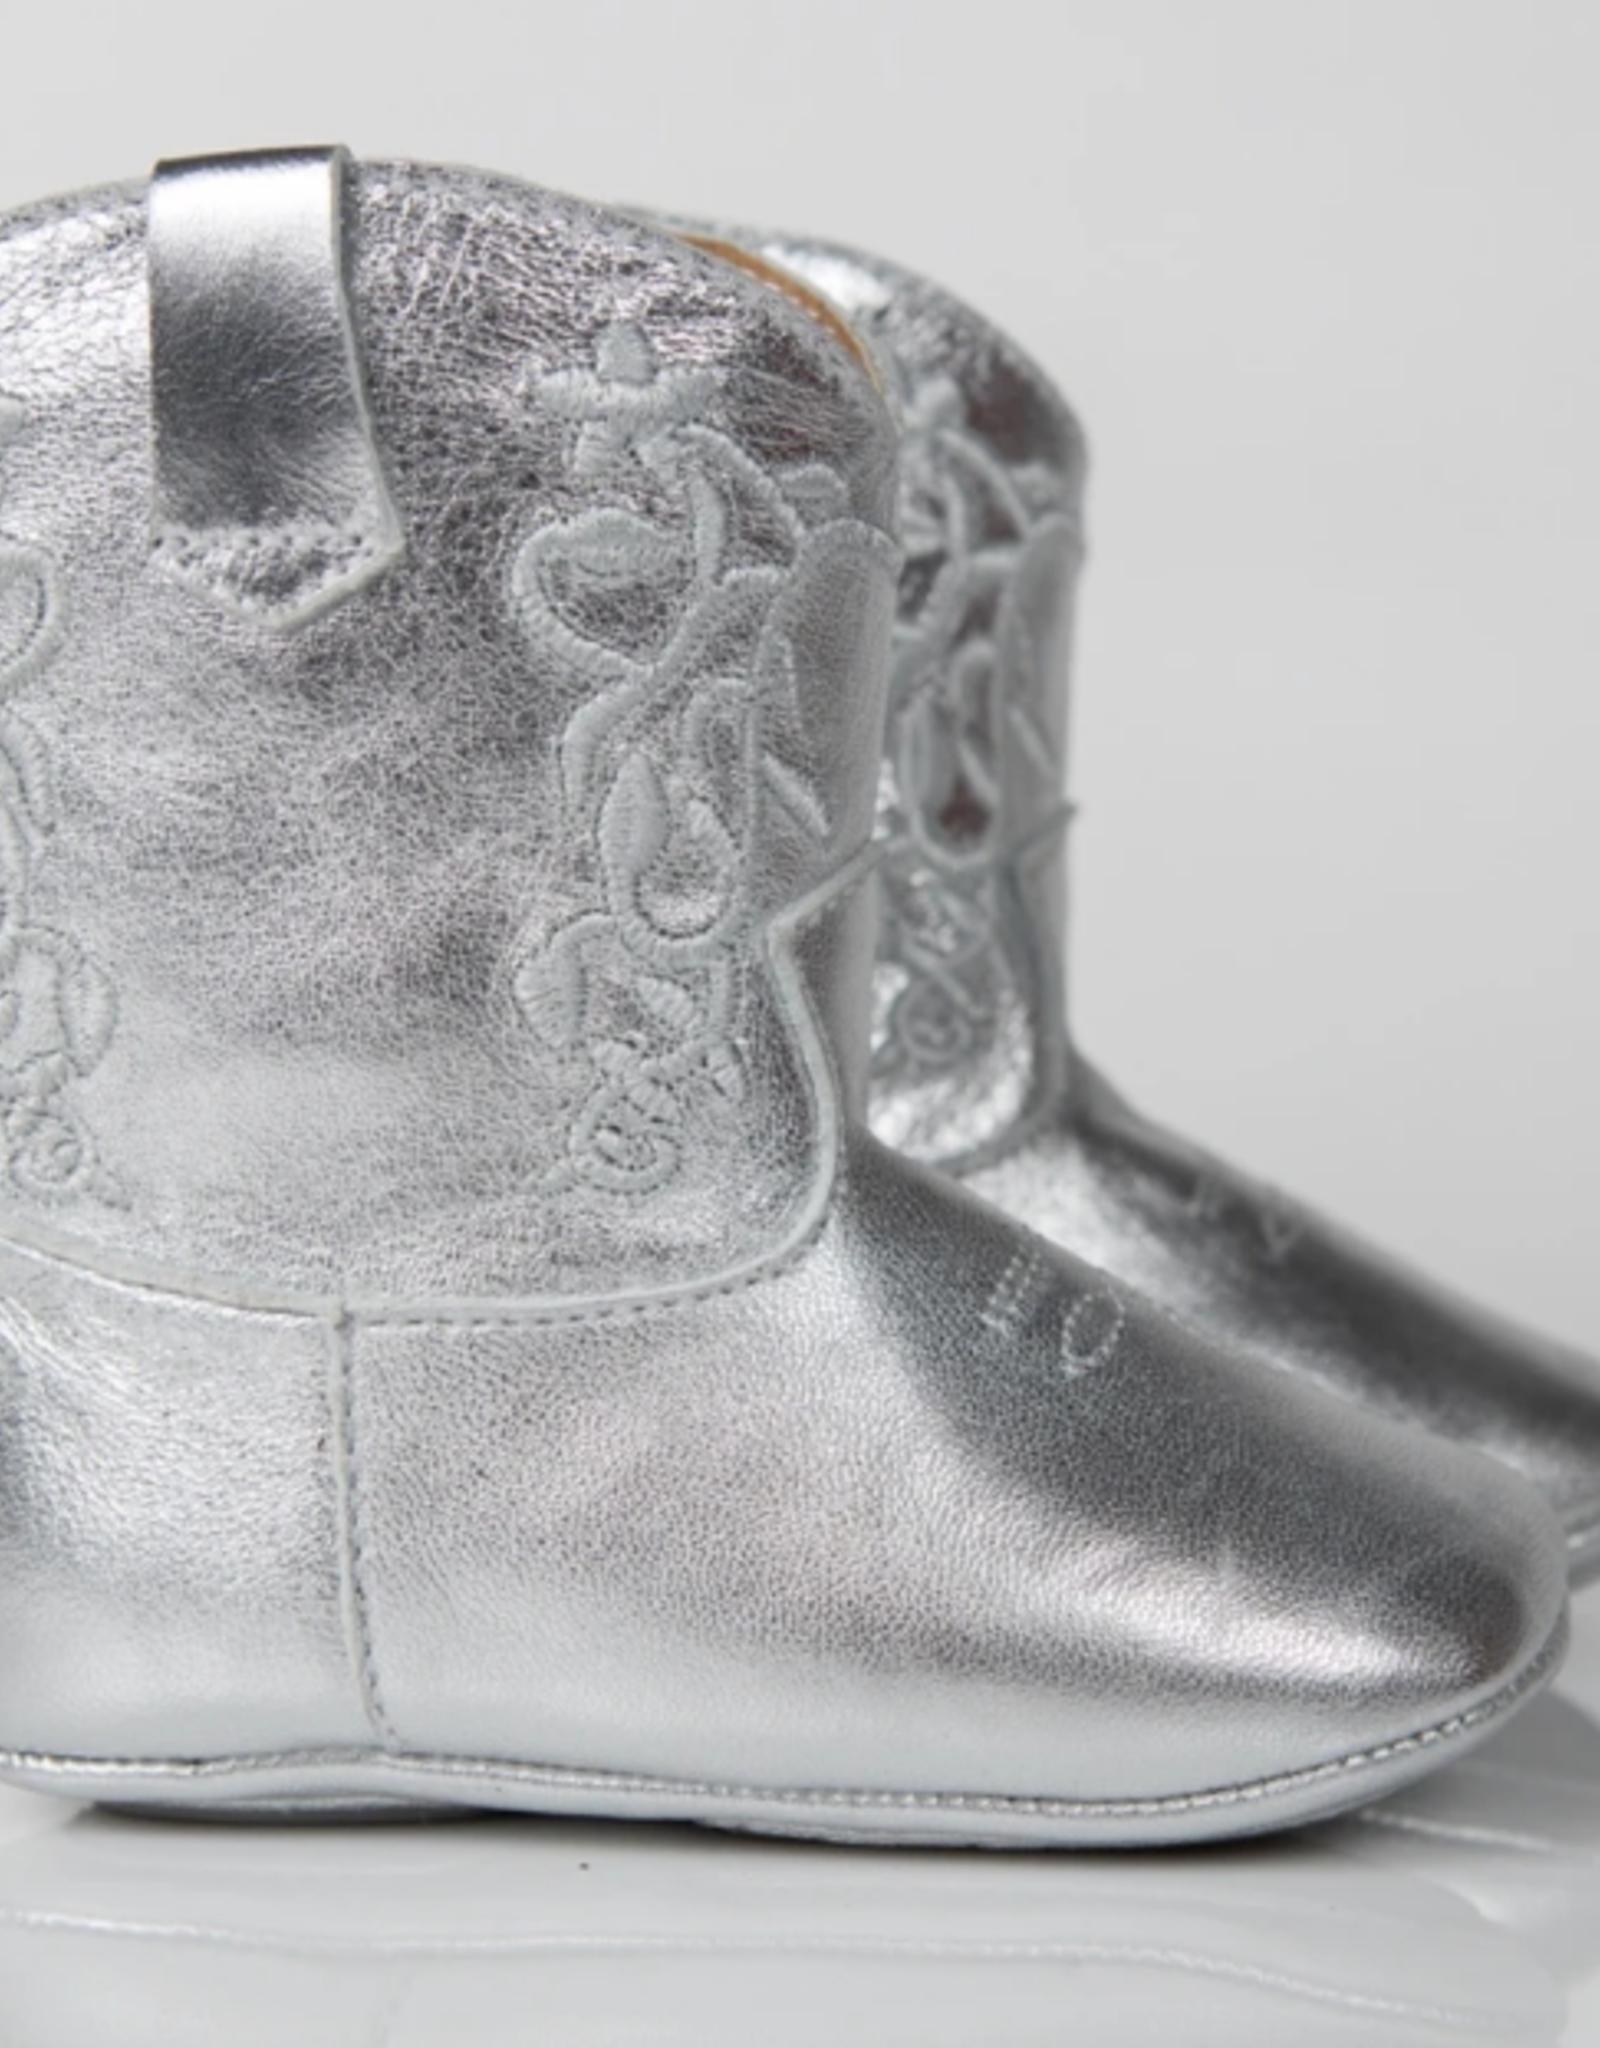 Nomandino Nomandino Spark Boots